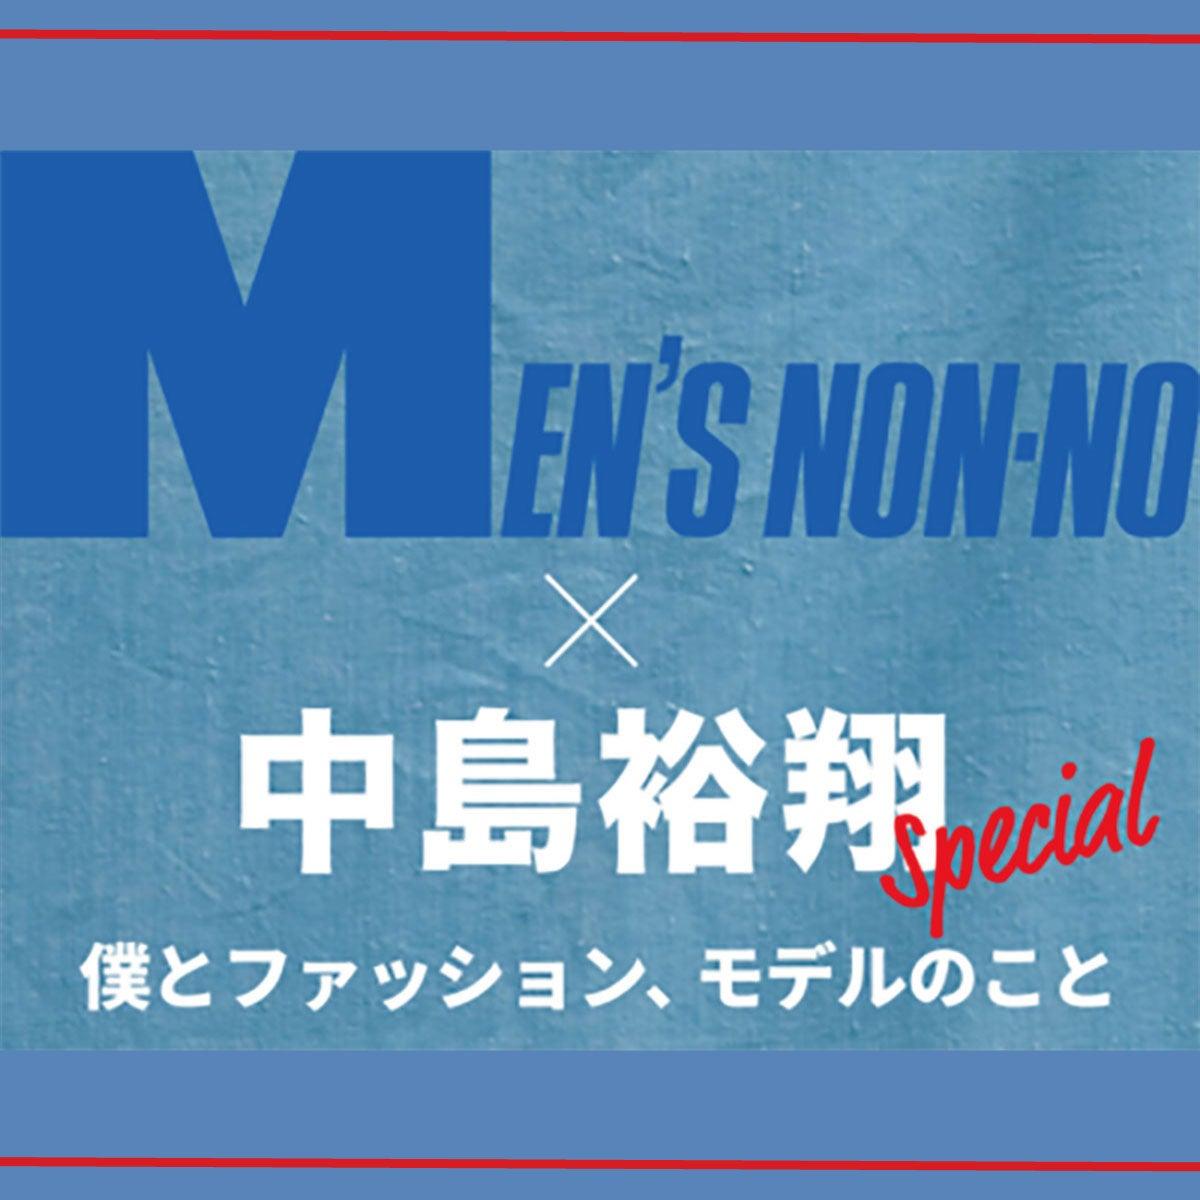 中島裕翔 僕とファッション、モデルのこと [Special Interview]